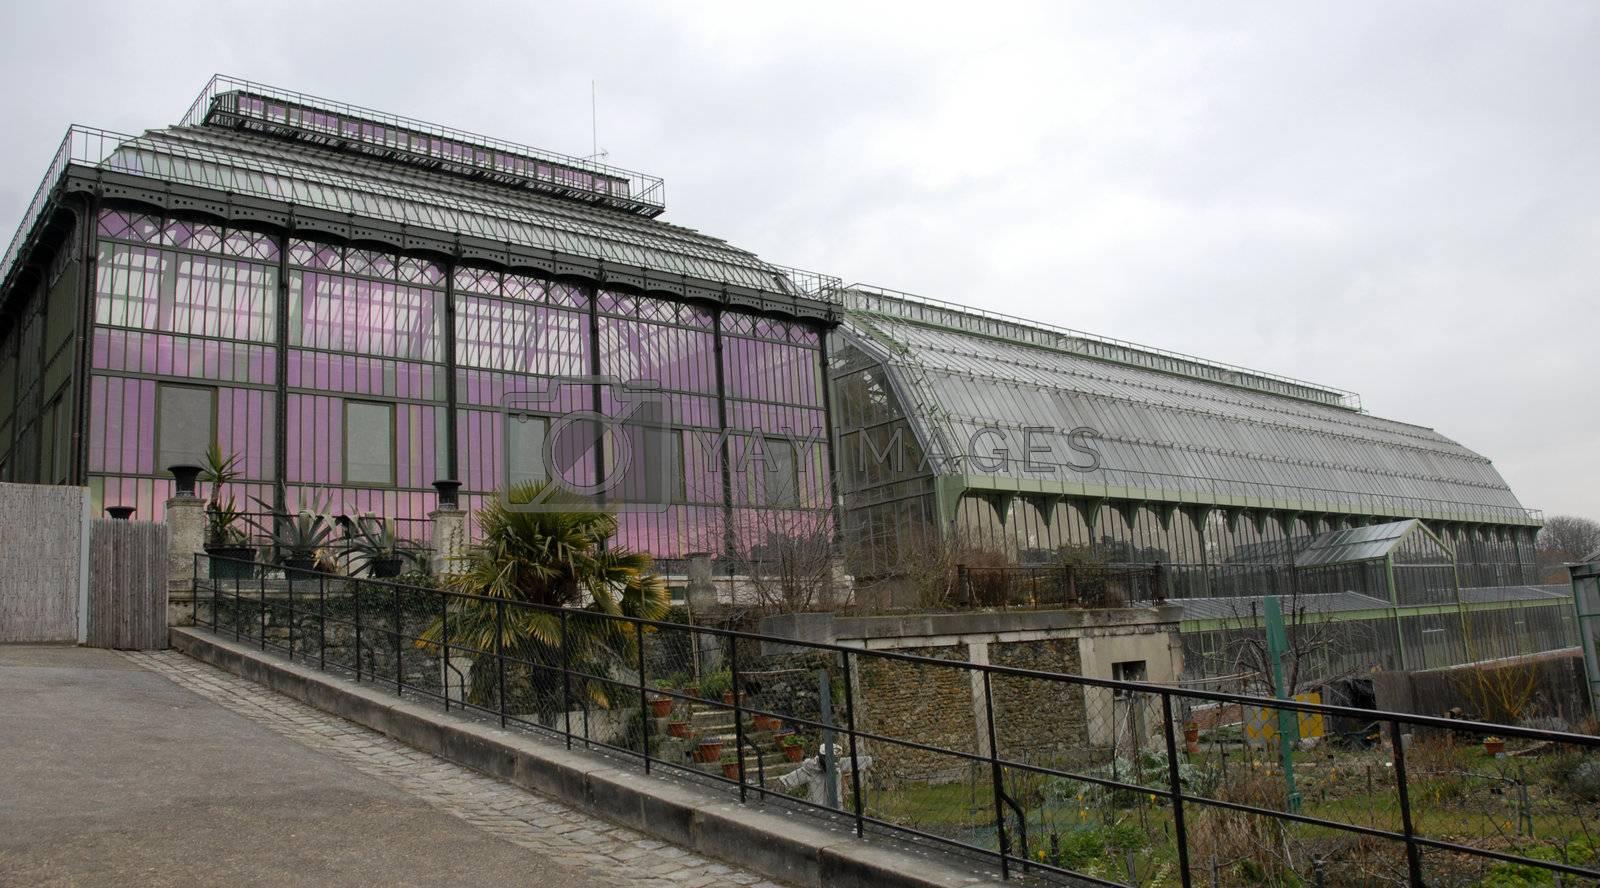 greenhouses of museum d'histoire naturelle in Paris